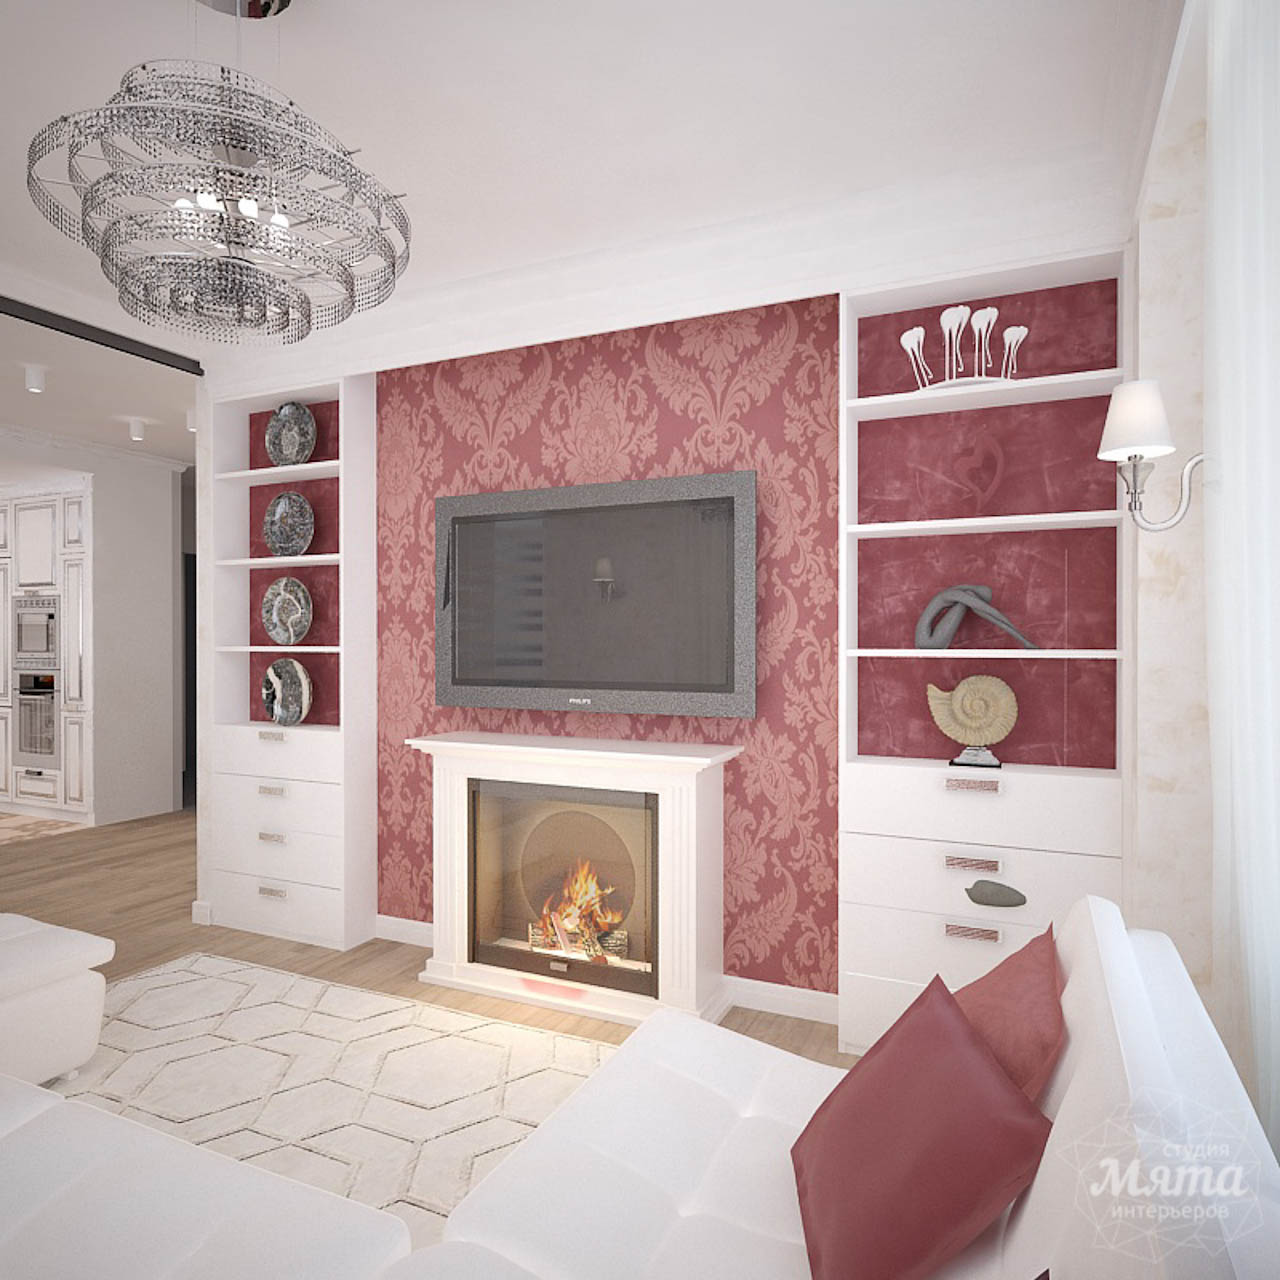 Дизайн интерьера четырехкомнатной квартиры по ул. Шевченко 18 img1535693113